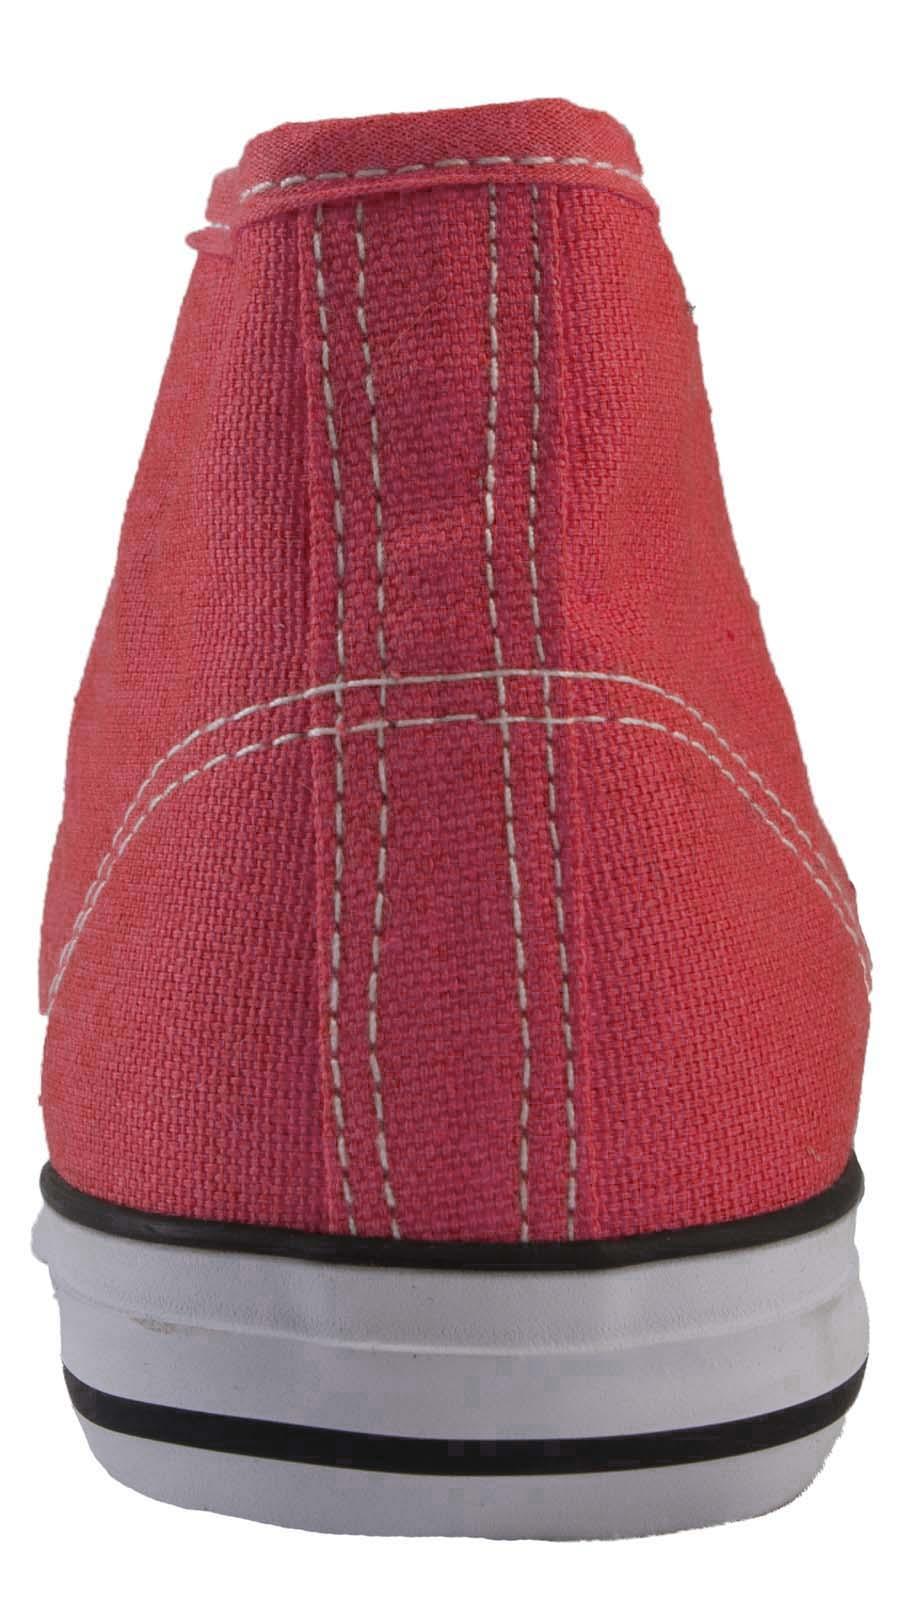 Hombre Mujer Lona Zapatos Hi Tops Botas al tobillo con Cordones Bombas Deportes Entrenadores Talla